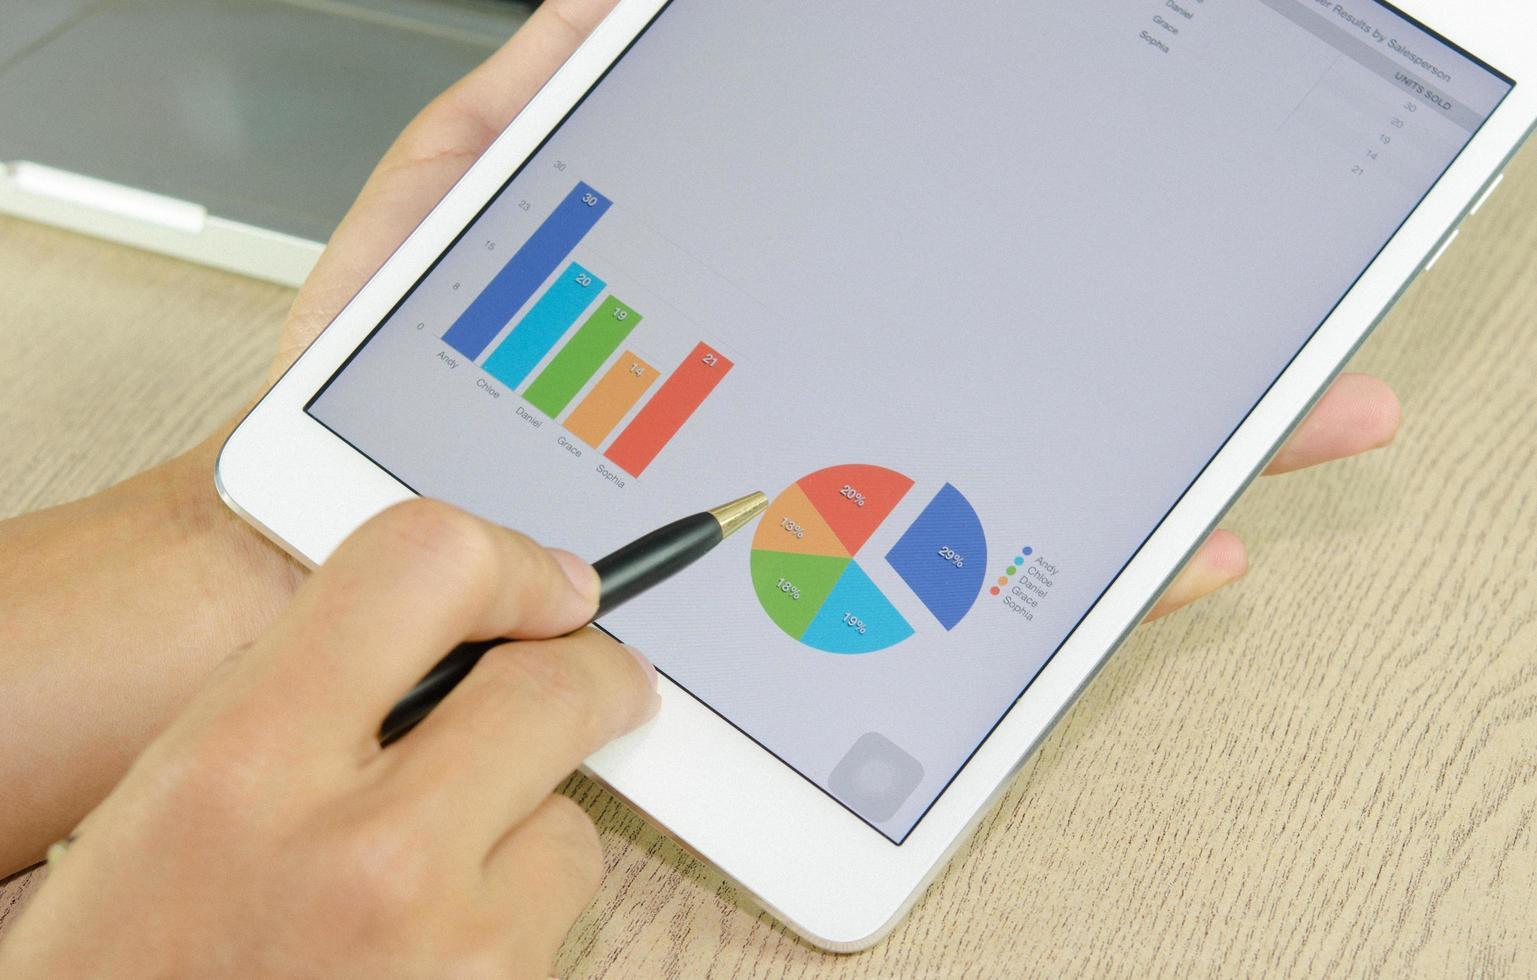 graphiques sur une tablette photo